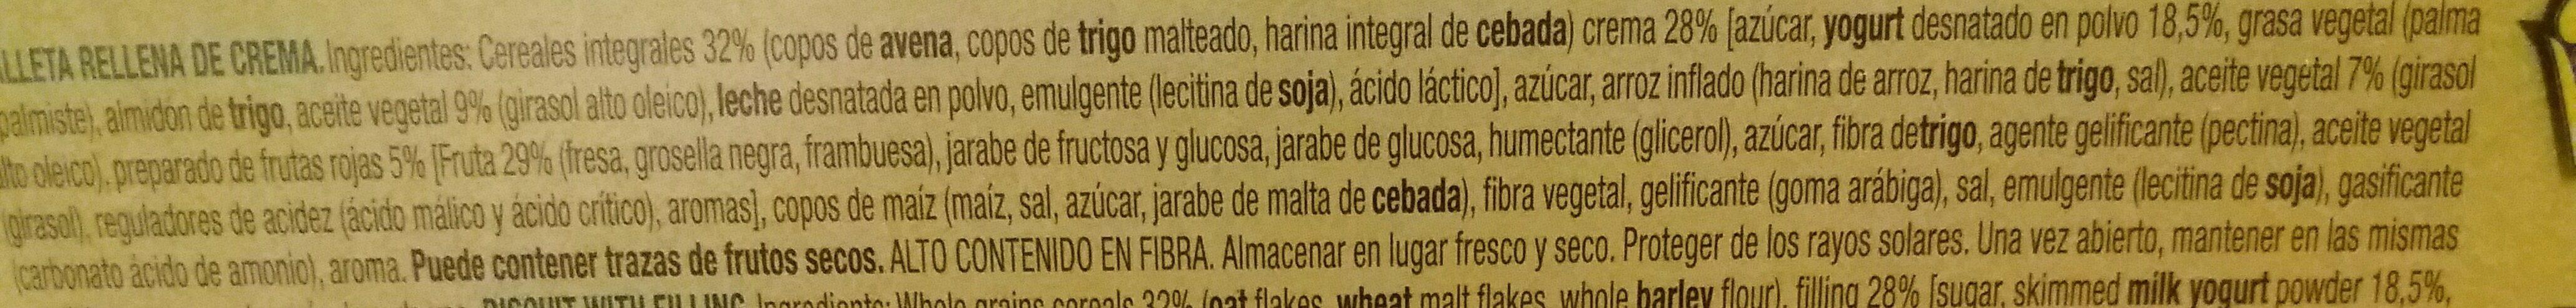 Vitalday sandwich sabor yogurt con avena y frutos rojos - Ingredientes - es